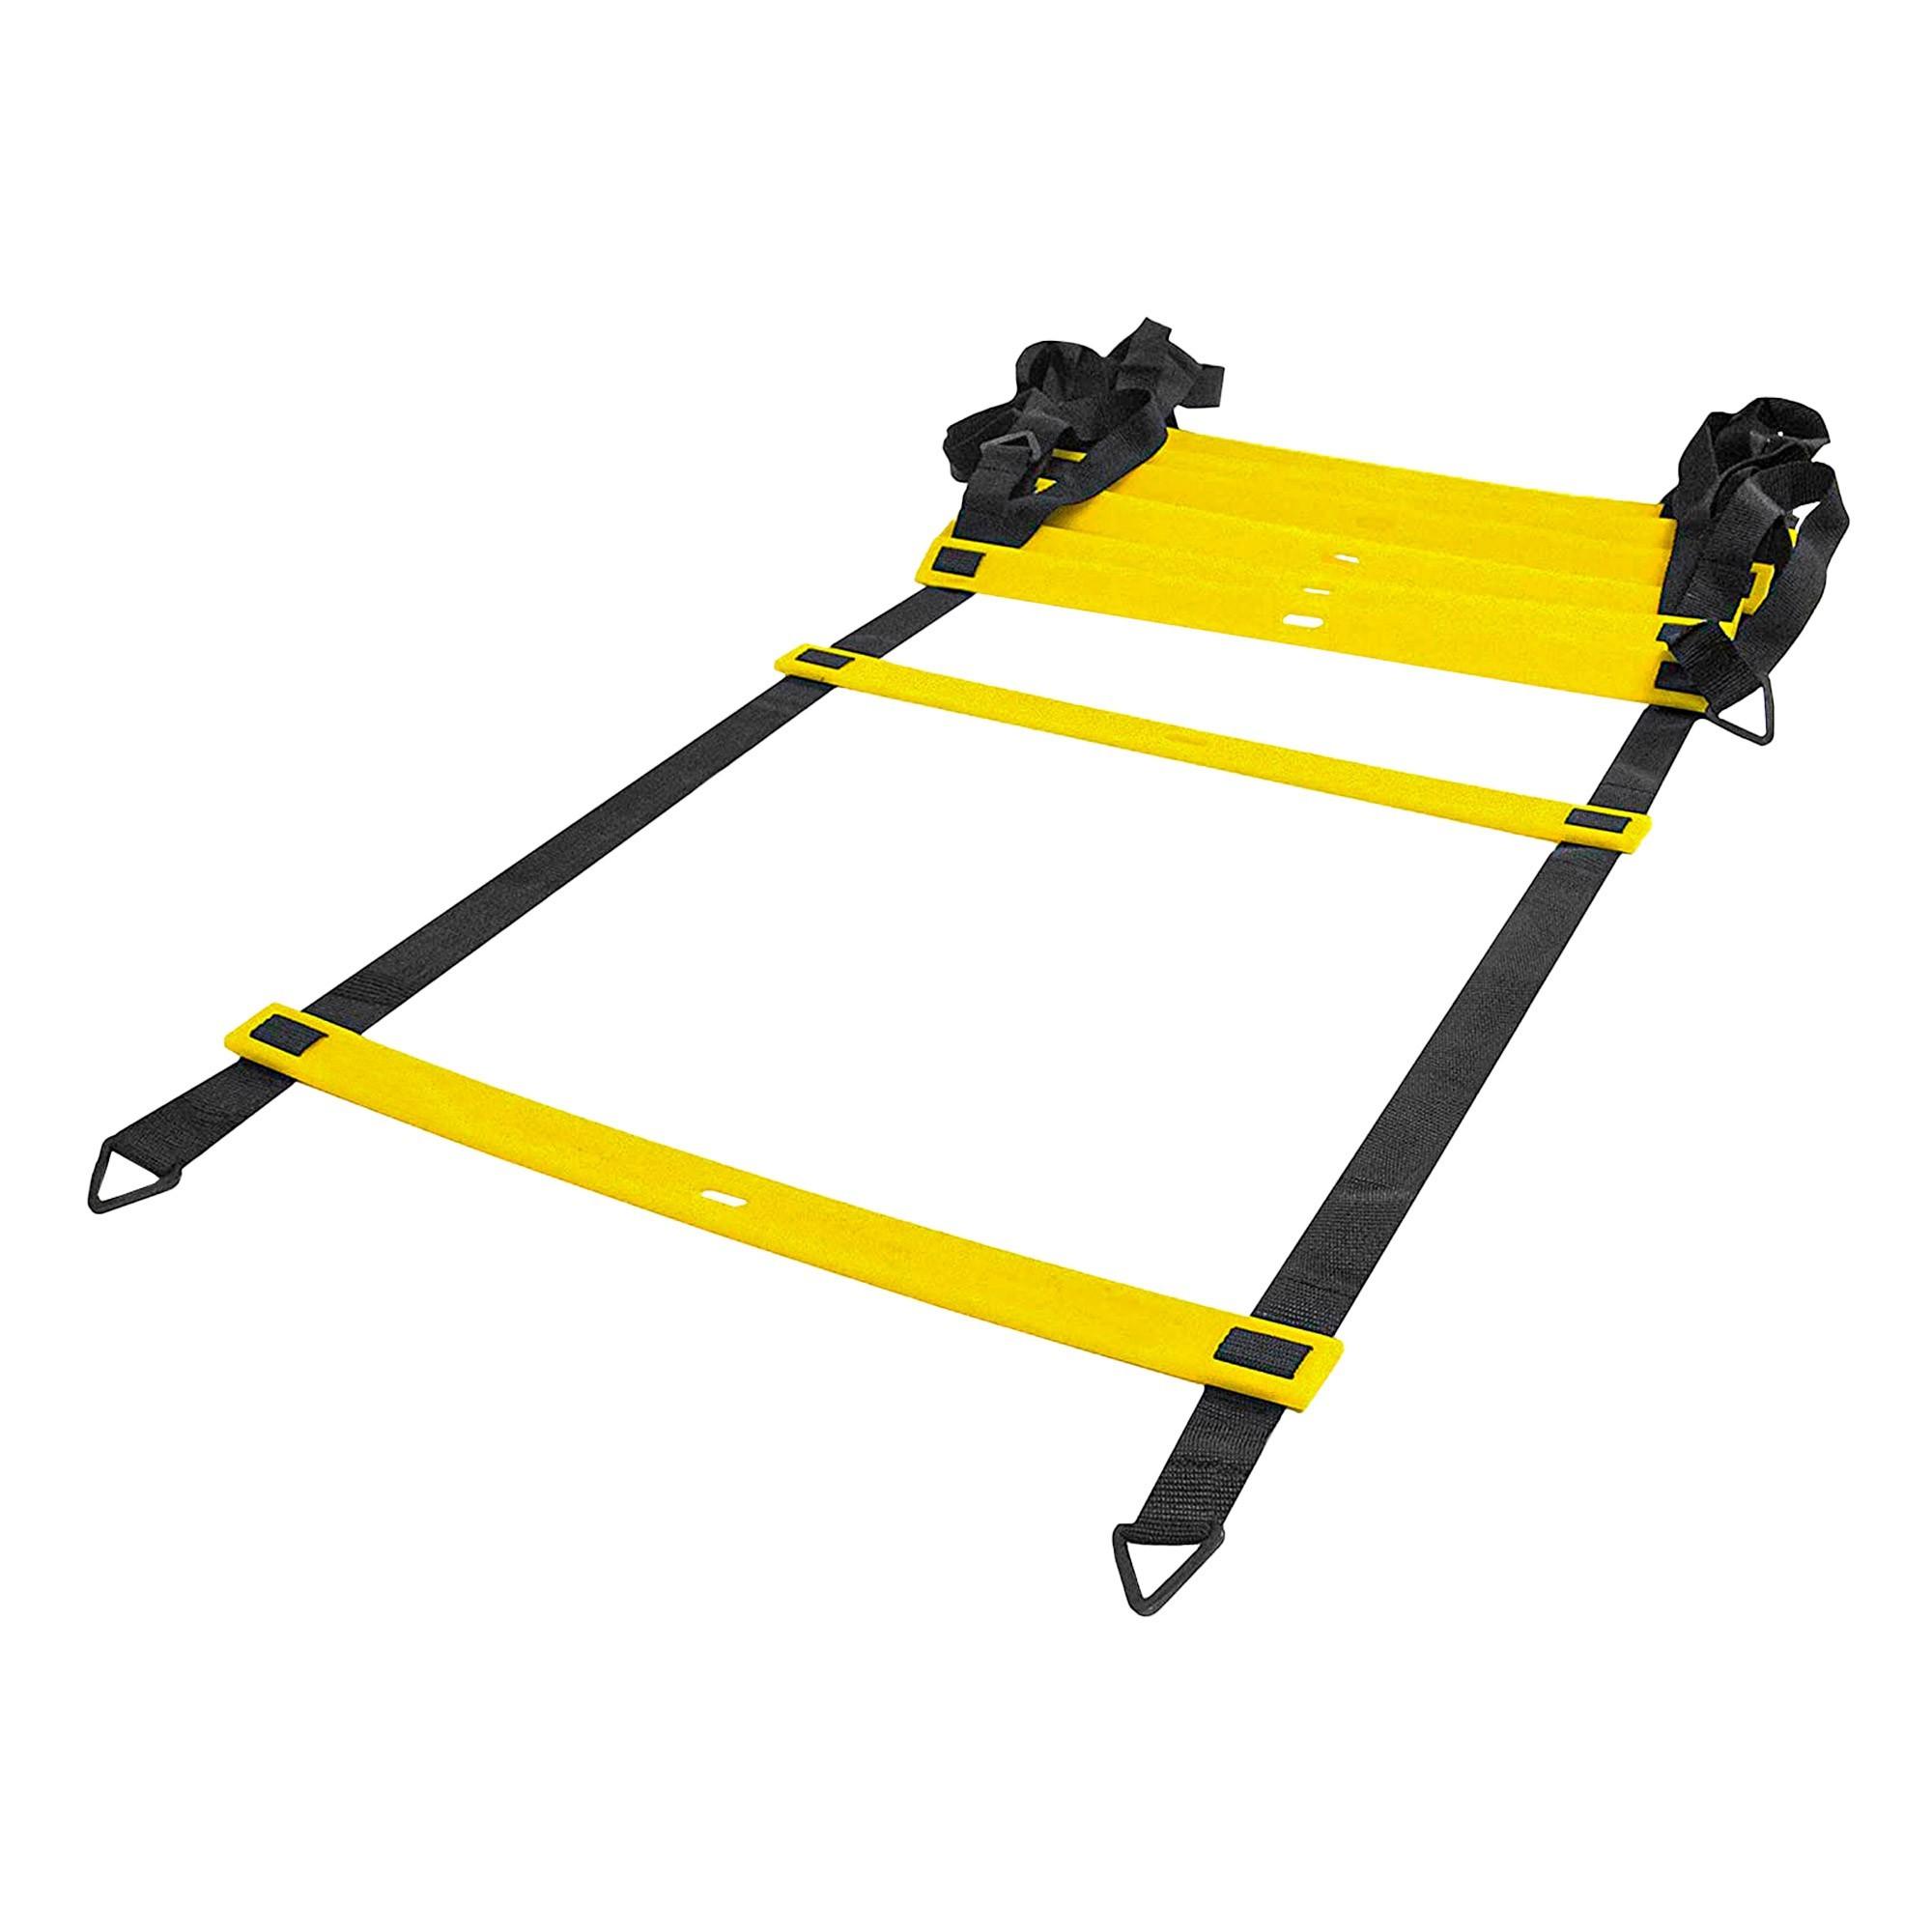 Kit Ginástica Power - Escada + Rolo + Apoio